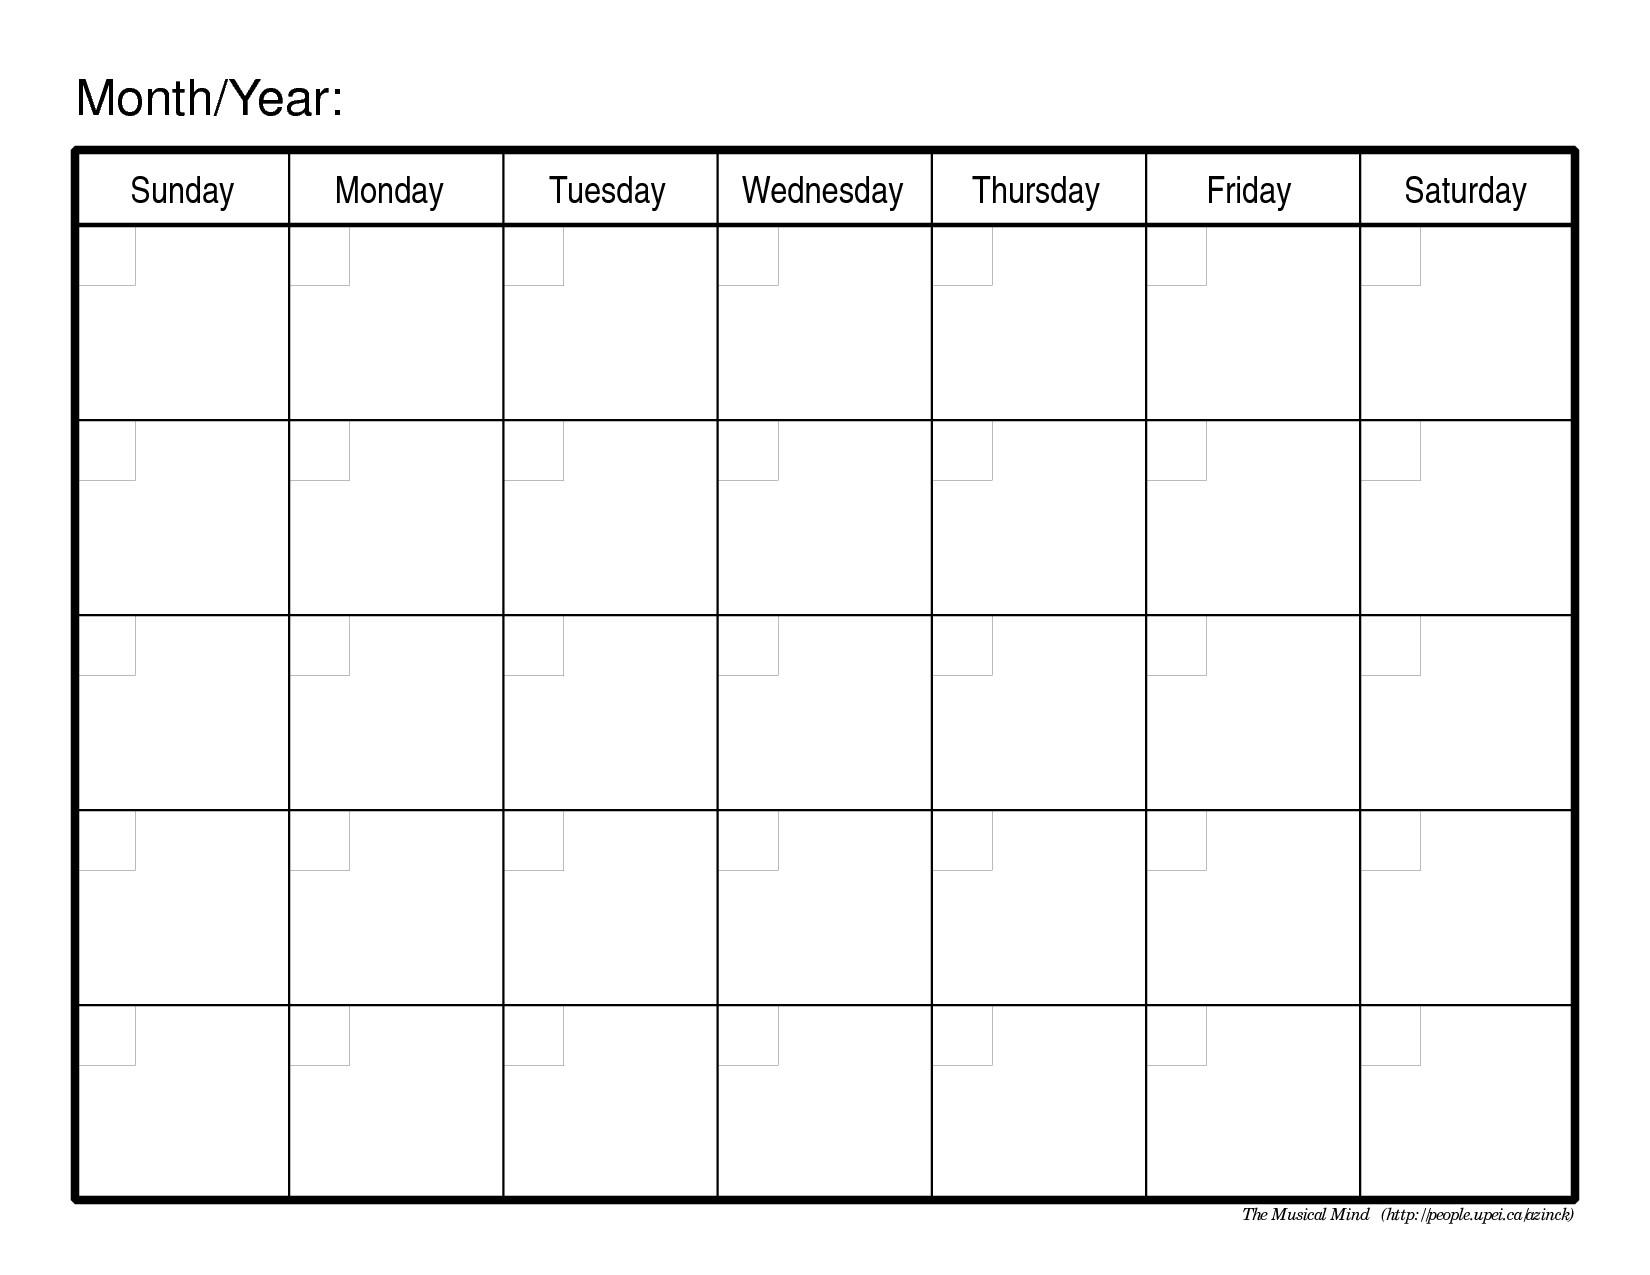 Pdf Calendar Template Monthly Calendar Template 9524c4241a4a806cc f46c30ca7 Luqkvu